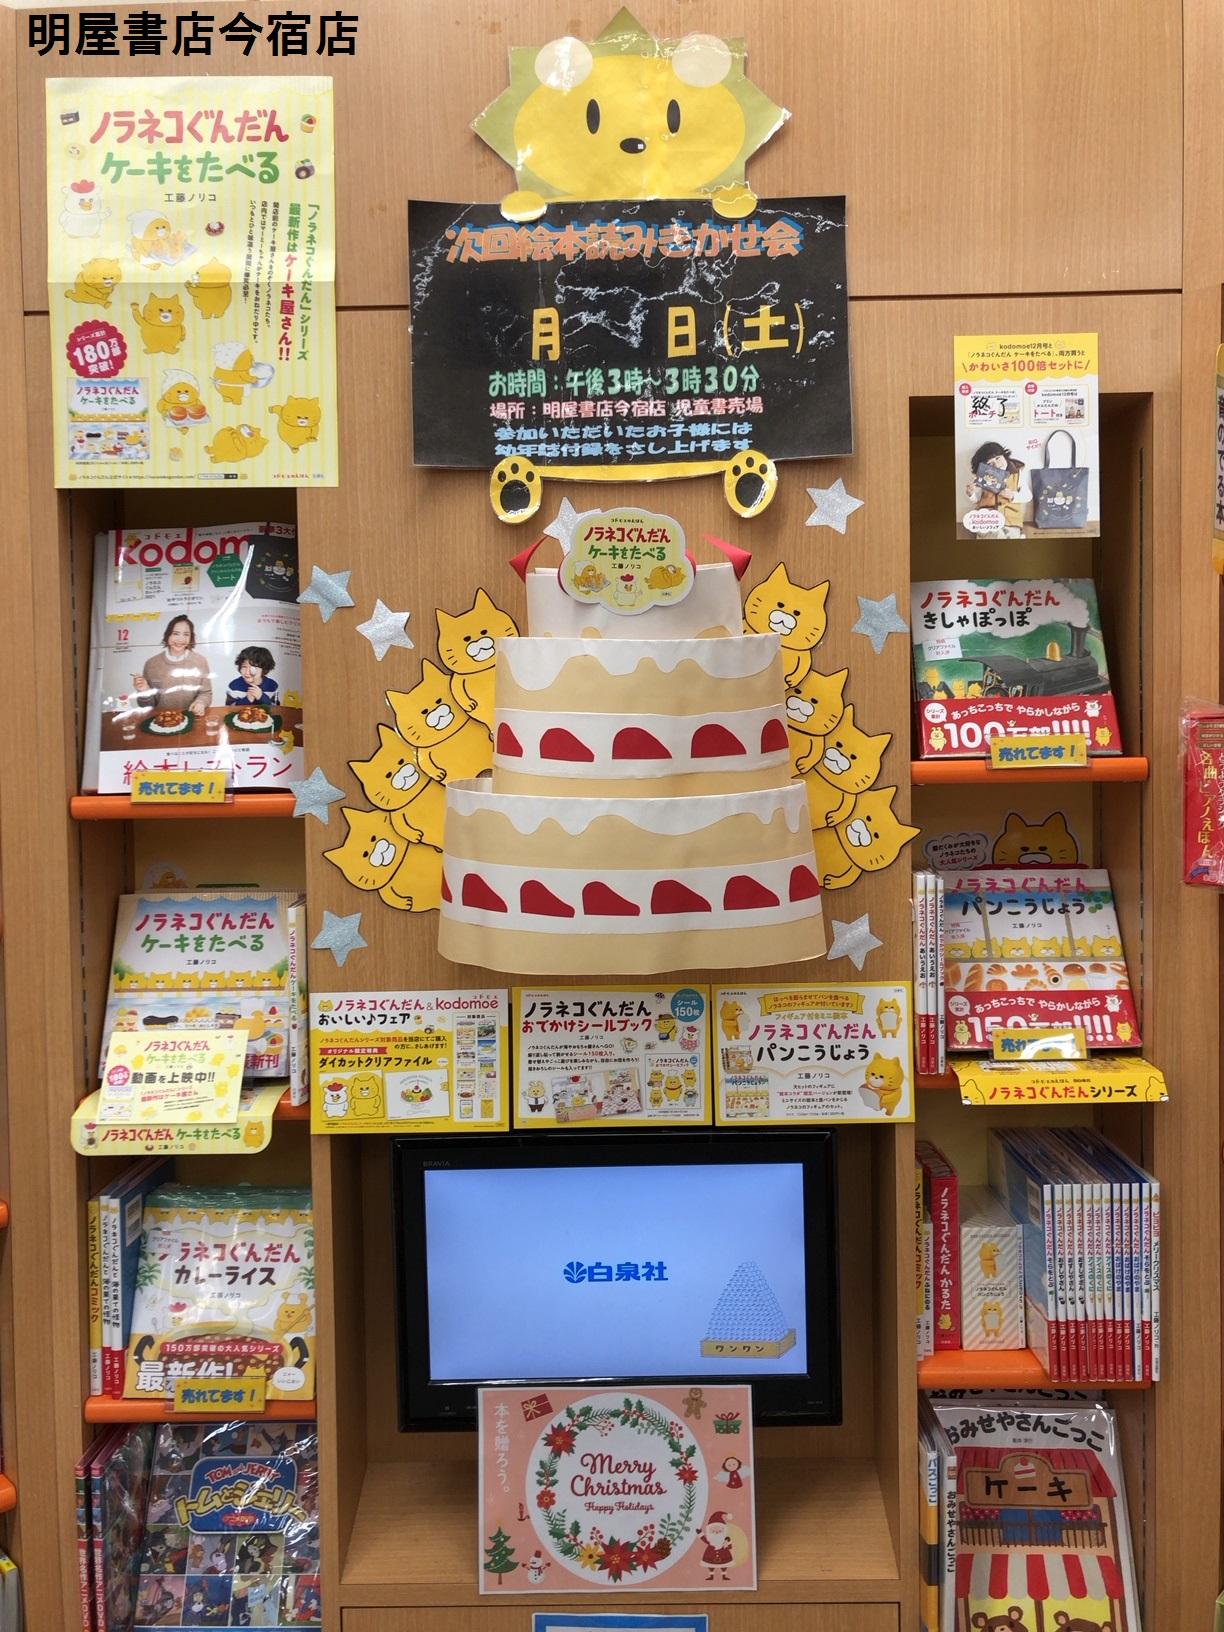 「ノラネコぐんだんおいしいフェア 」ディスプレイの優秀賞10店舗を紹介